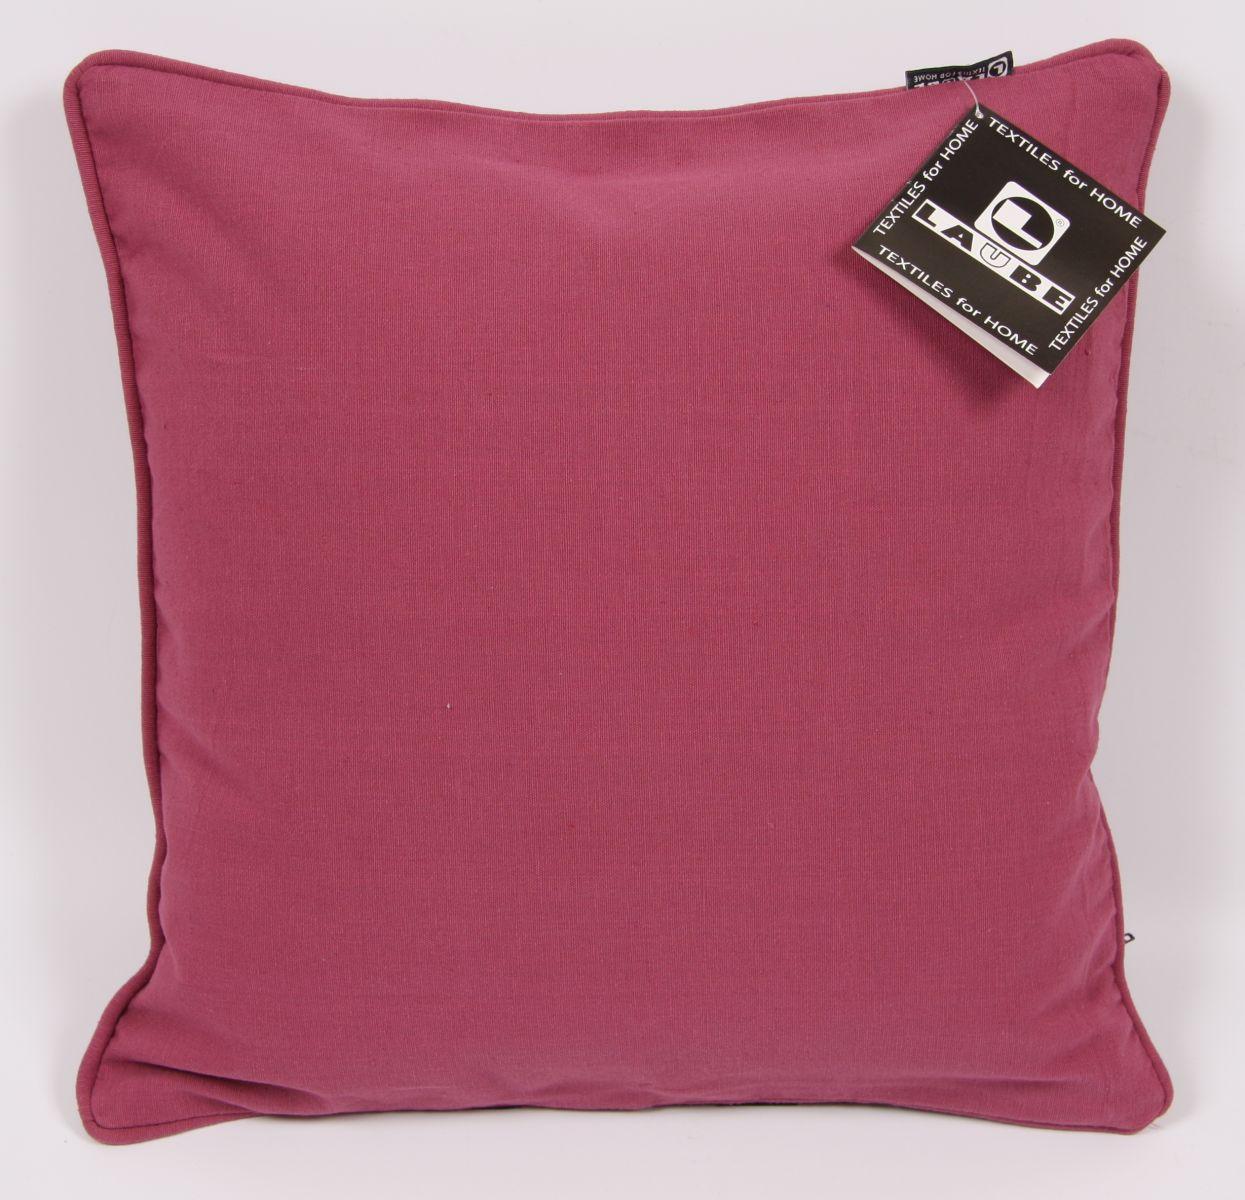 Povlak na polštářek Happy uni 40x40cm - Violet Quartz - vínová